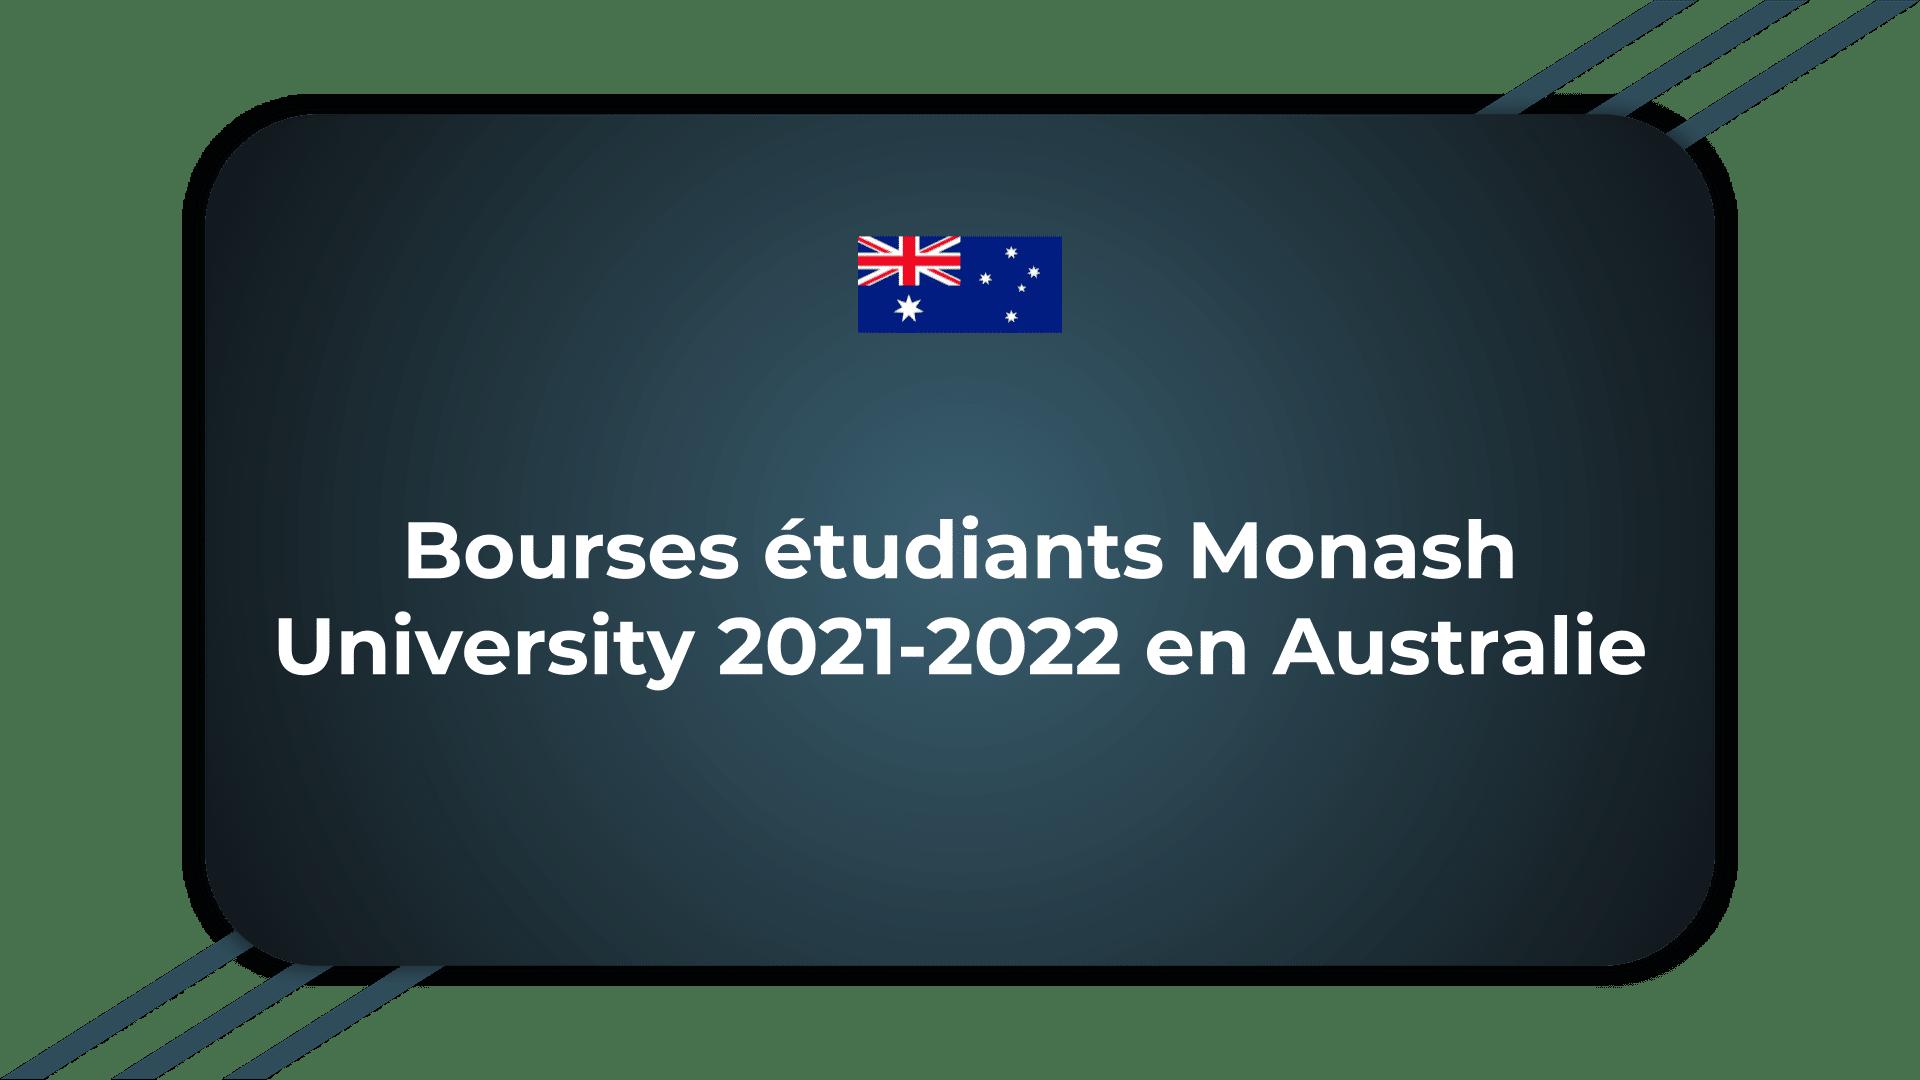 Bourses étudiants Monash University